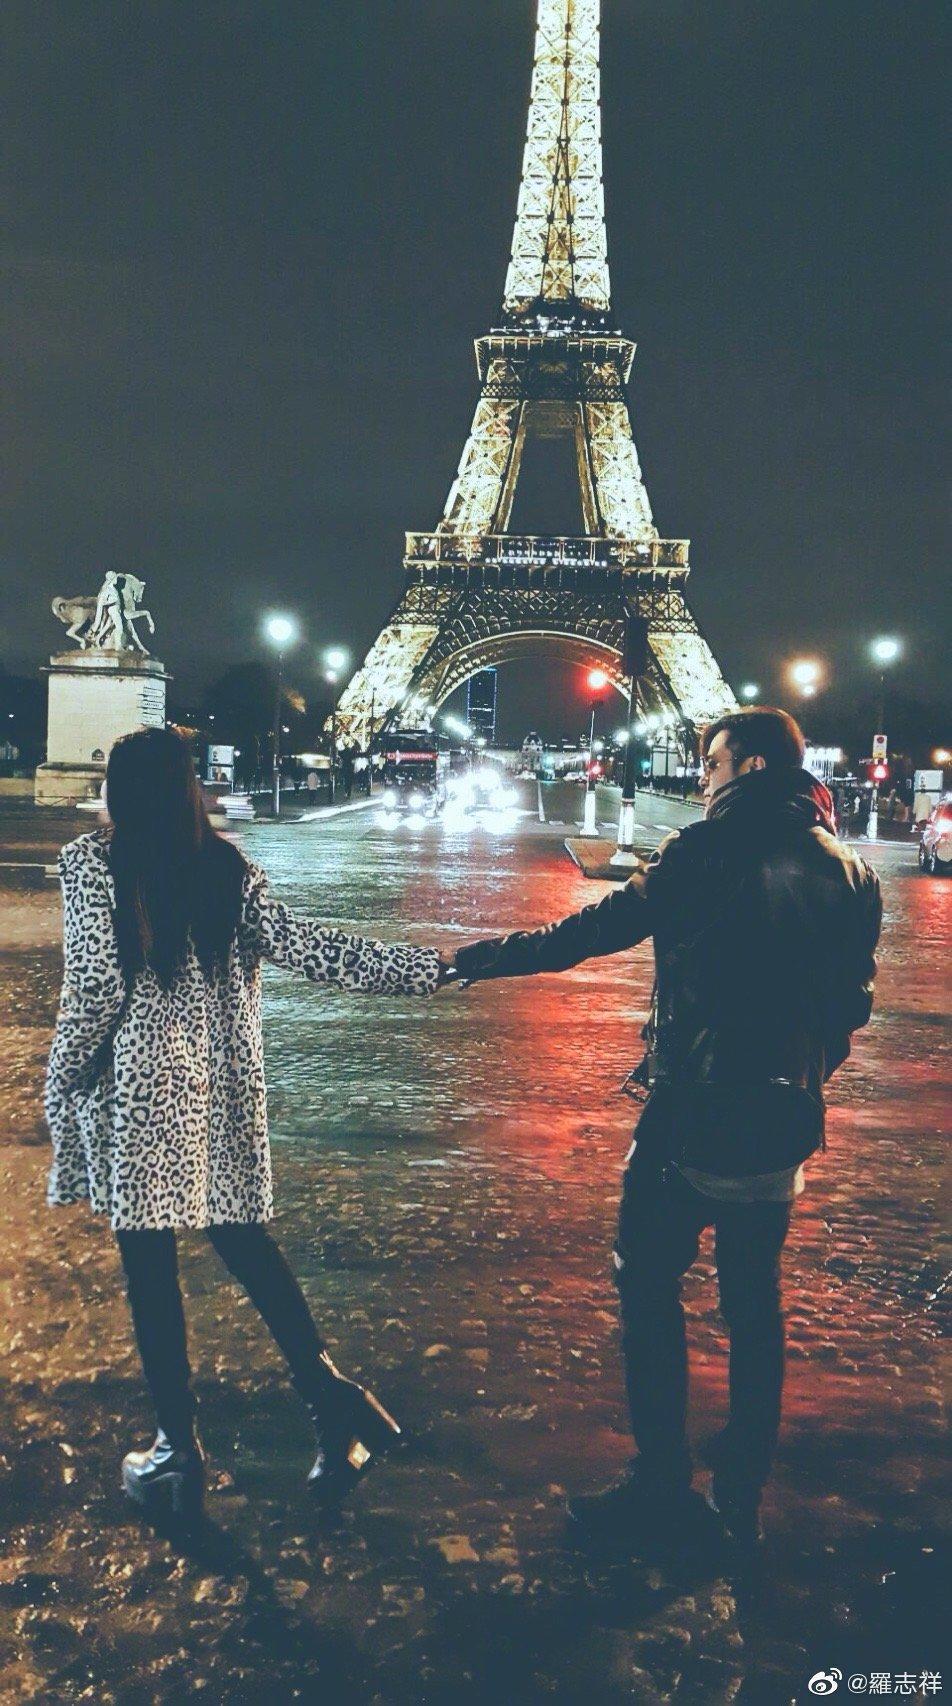 巴黎鐵塔前的照片,是當初2人交往時,沒有發布的合照,但羅志祥選在520當天發布了。(翻攝自羅志祥微博)